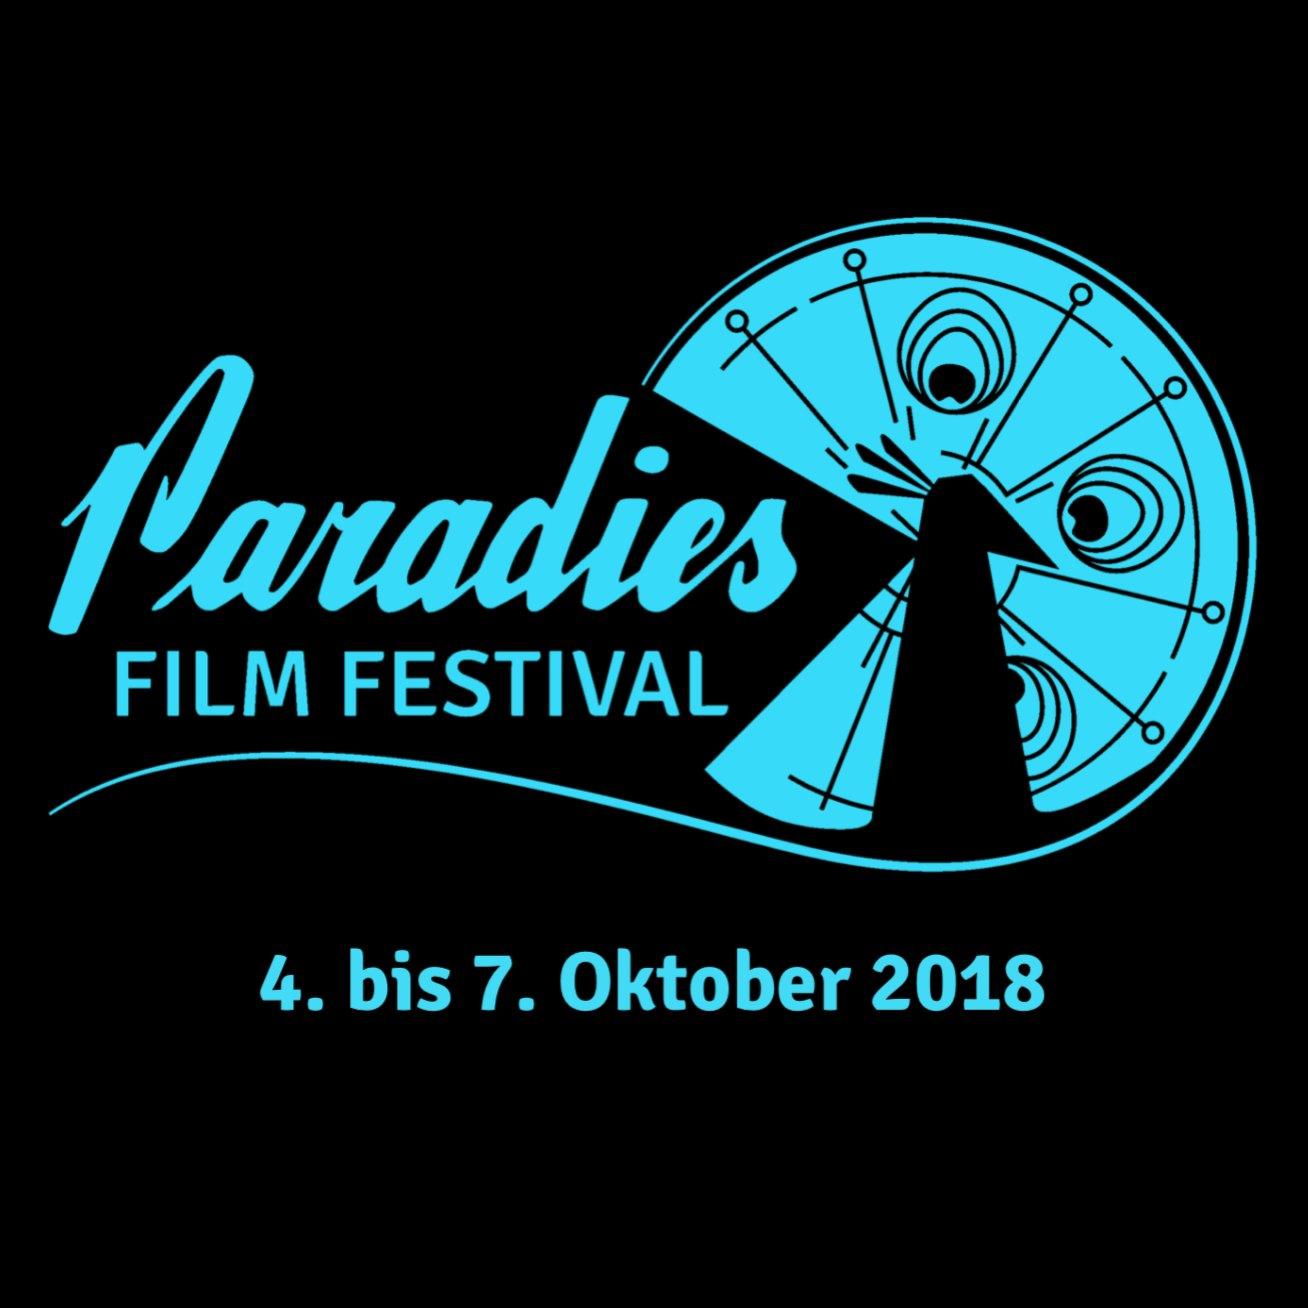 Auf zum Paradies Film Festival nach Jena – Ein italienischer Giallo ...